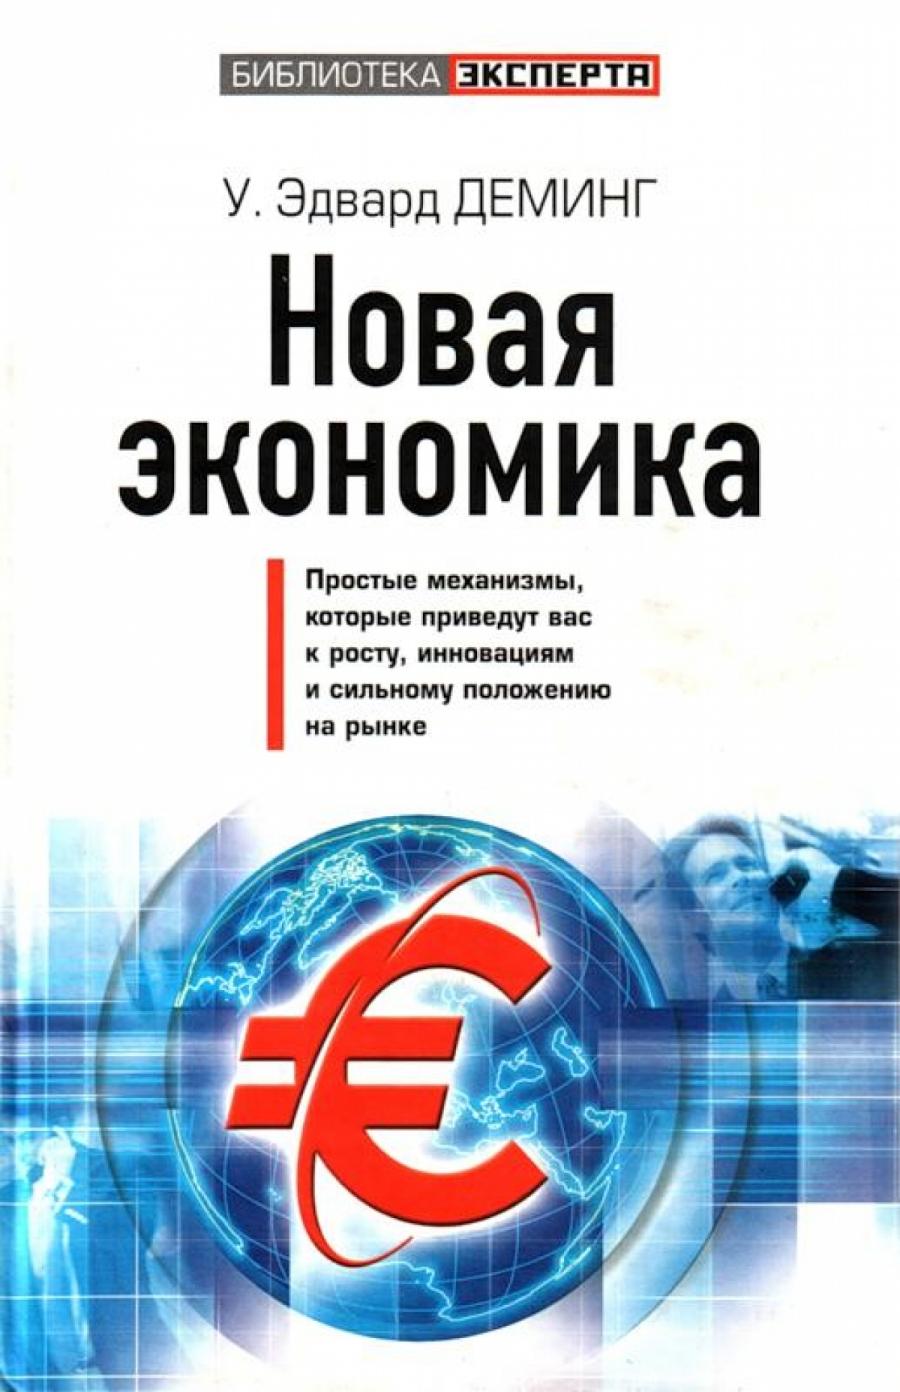 Обложка книги:  библиотека эксперта - у. эдвард деминг - новая экономика.